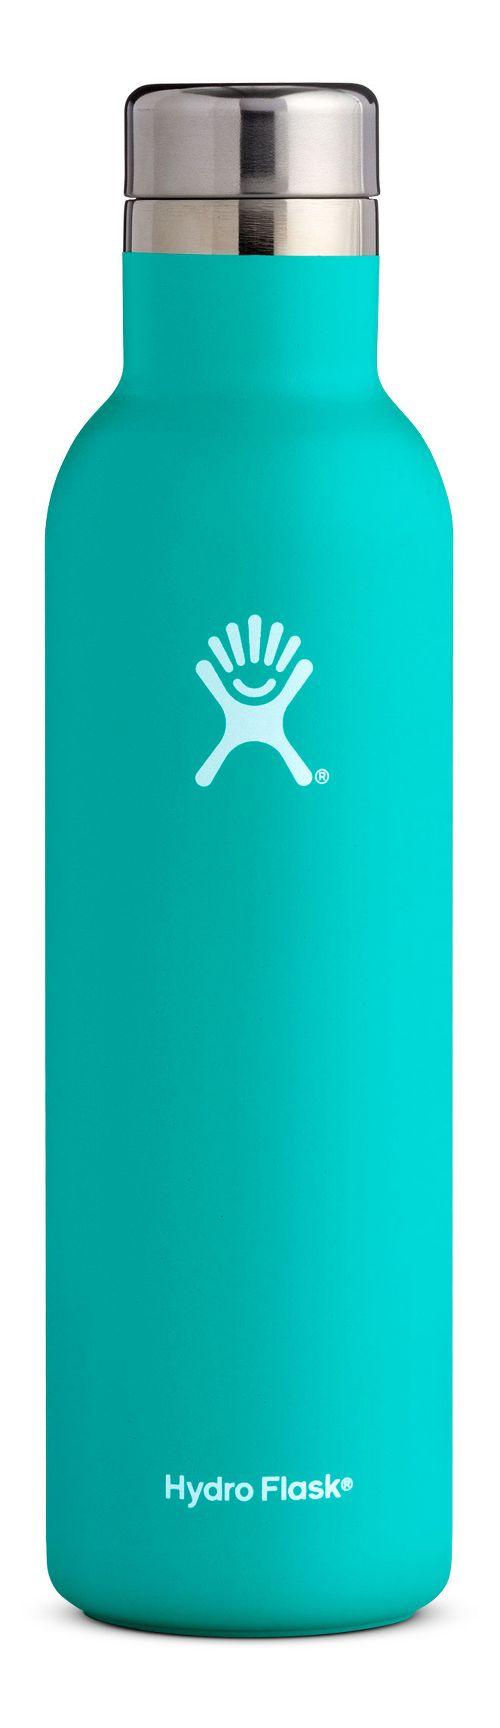 Hydro Flask 25 ounce Wine Bottle Hydration - Mint